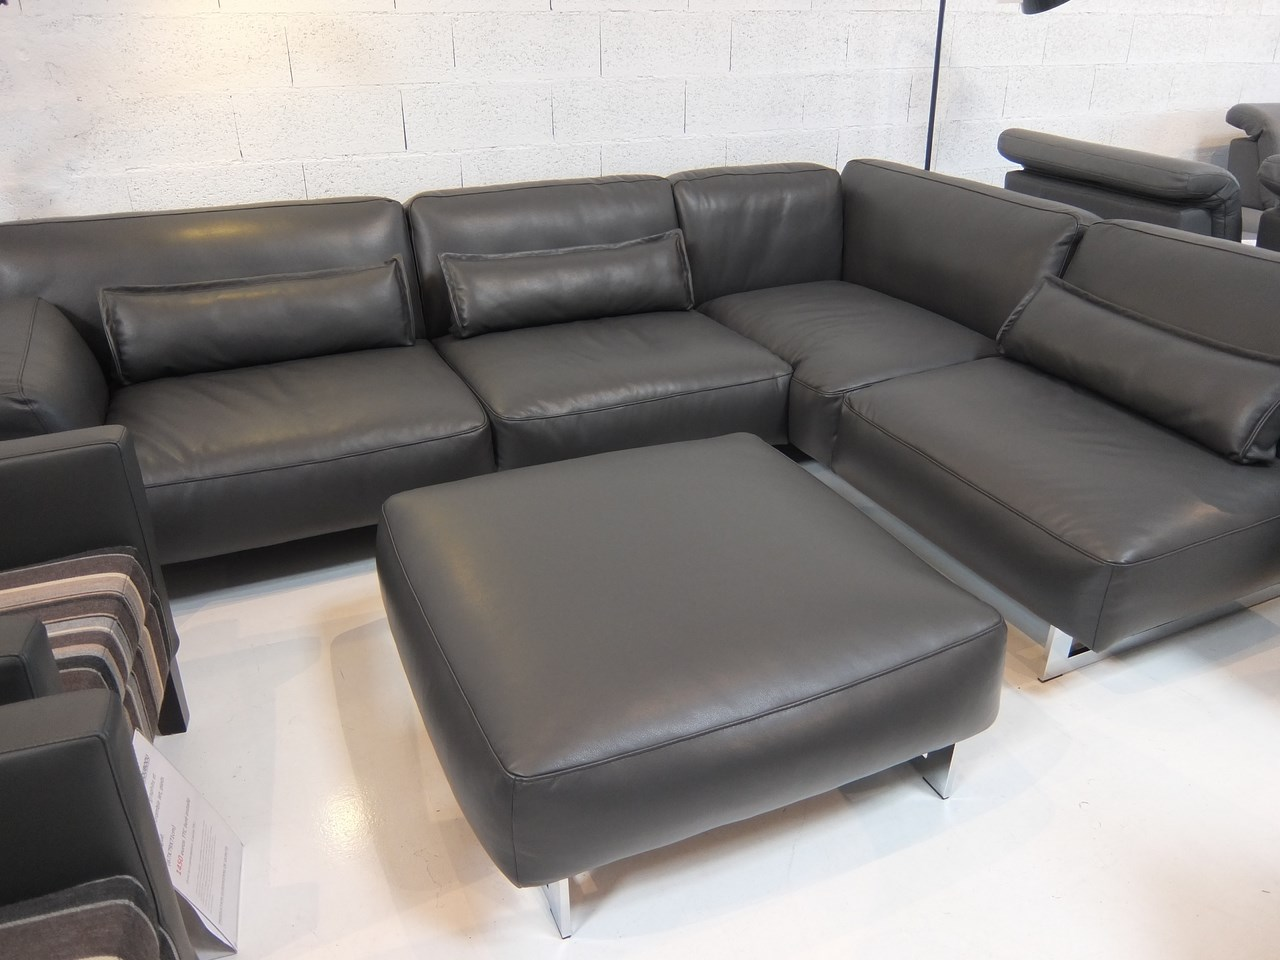 Soldes mon canape et fauteuil en cuir en soldes blog de seanroyale - Canape design soldes ...